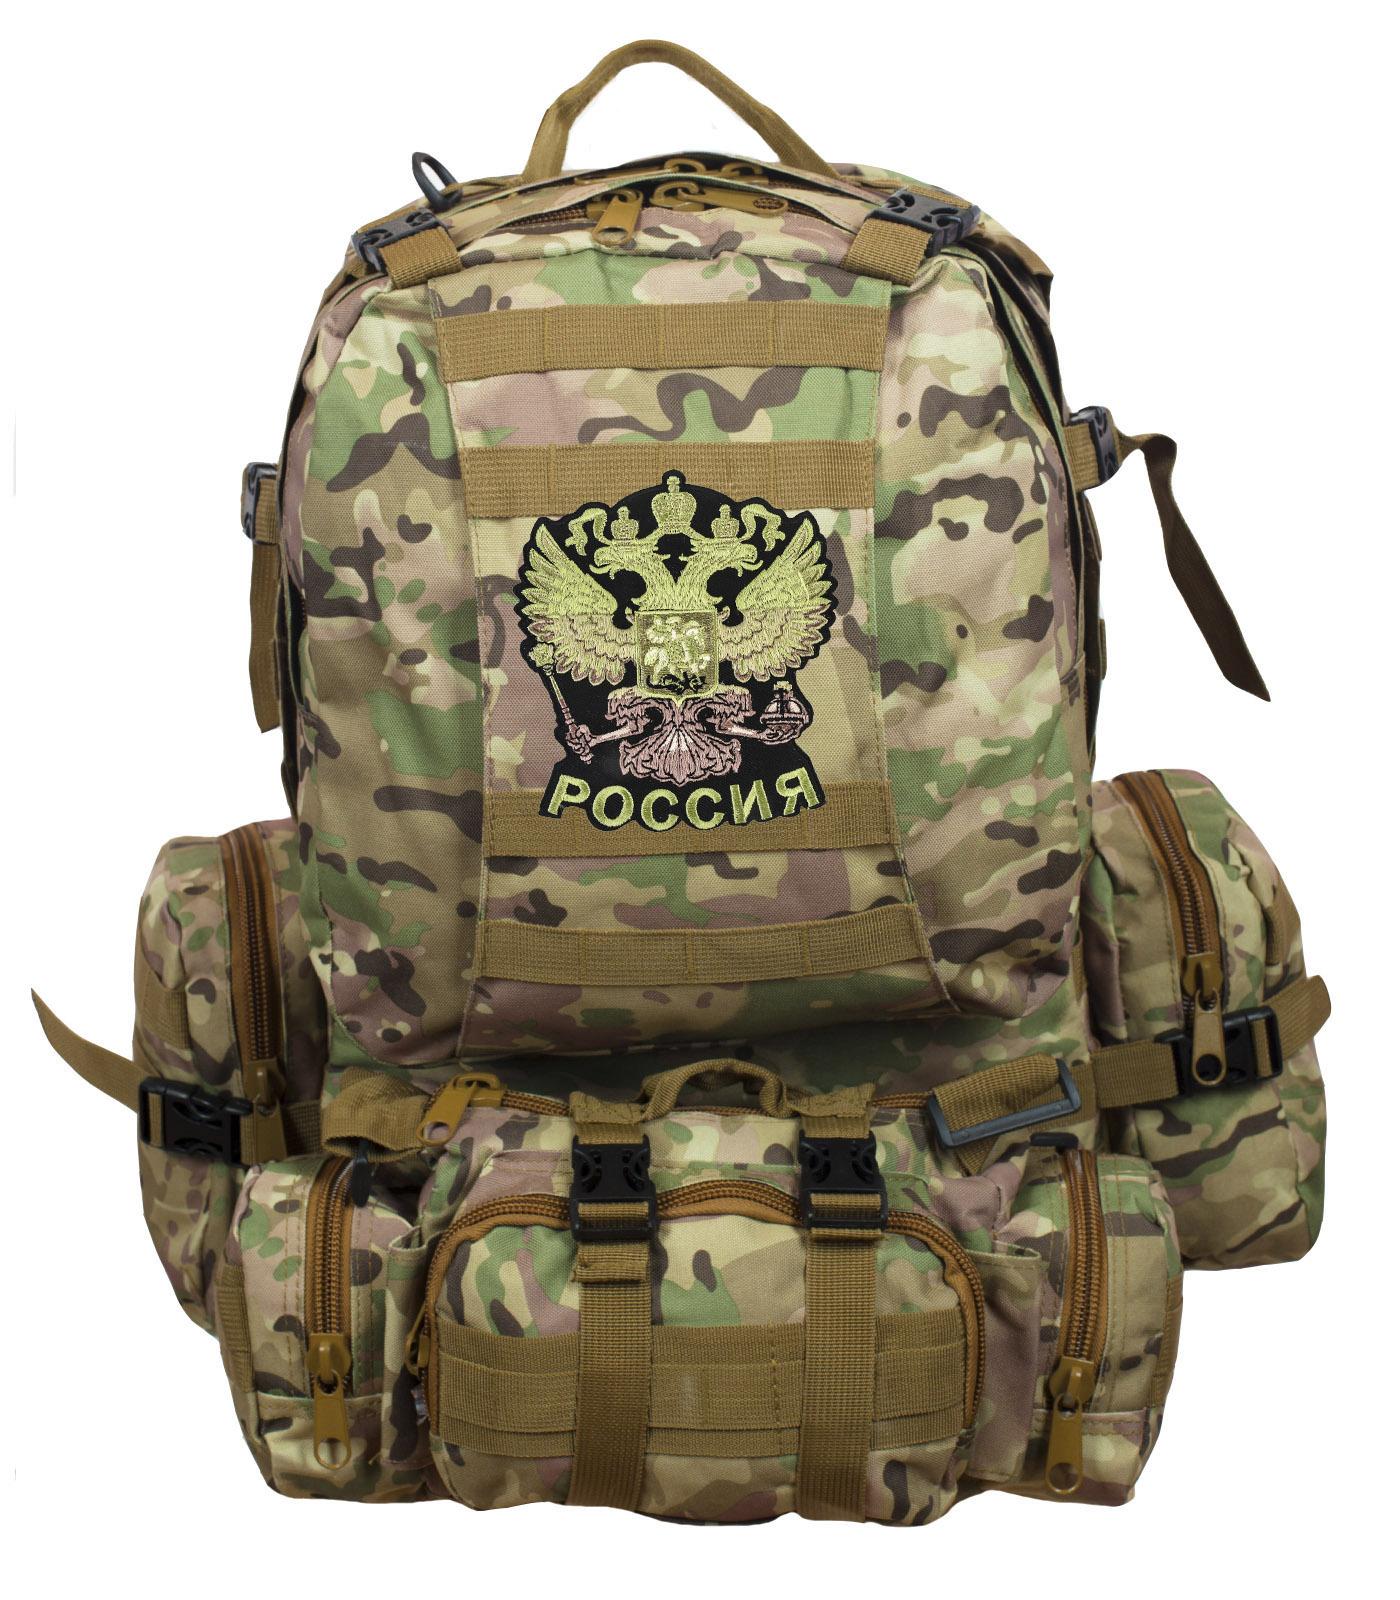 Функциональный вместительный рюкзак с нашивкой Герб России - купить в подарок